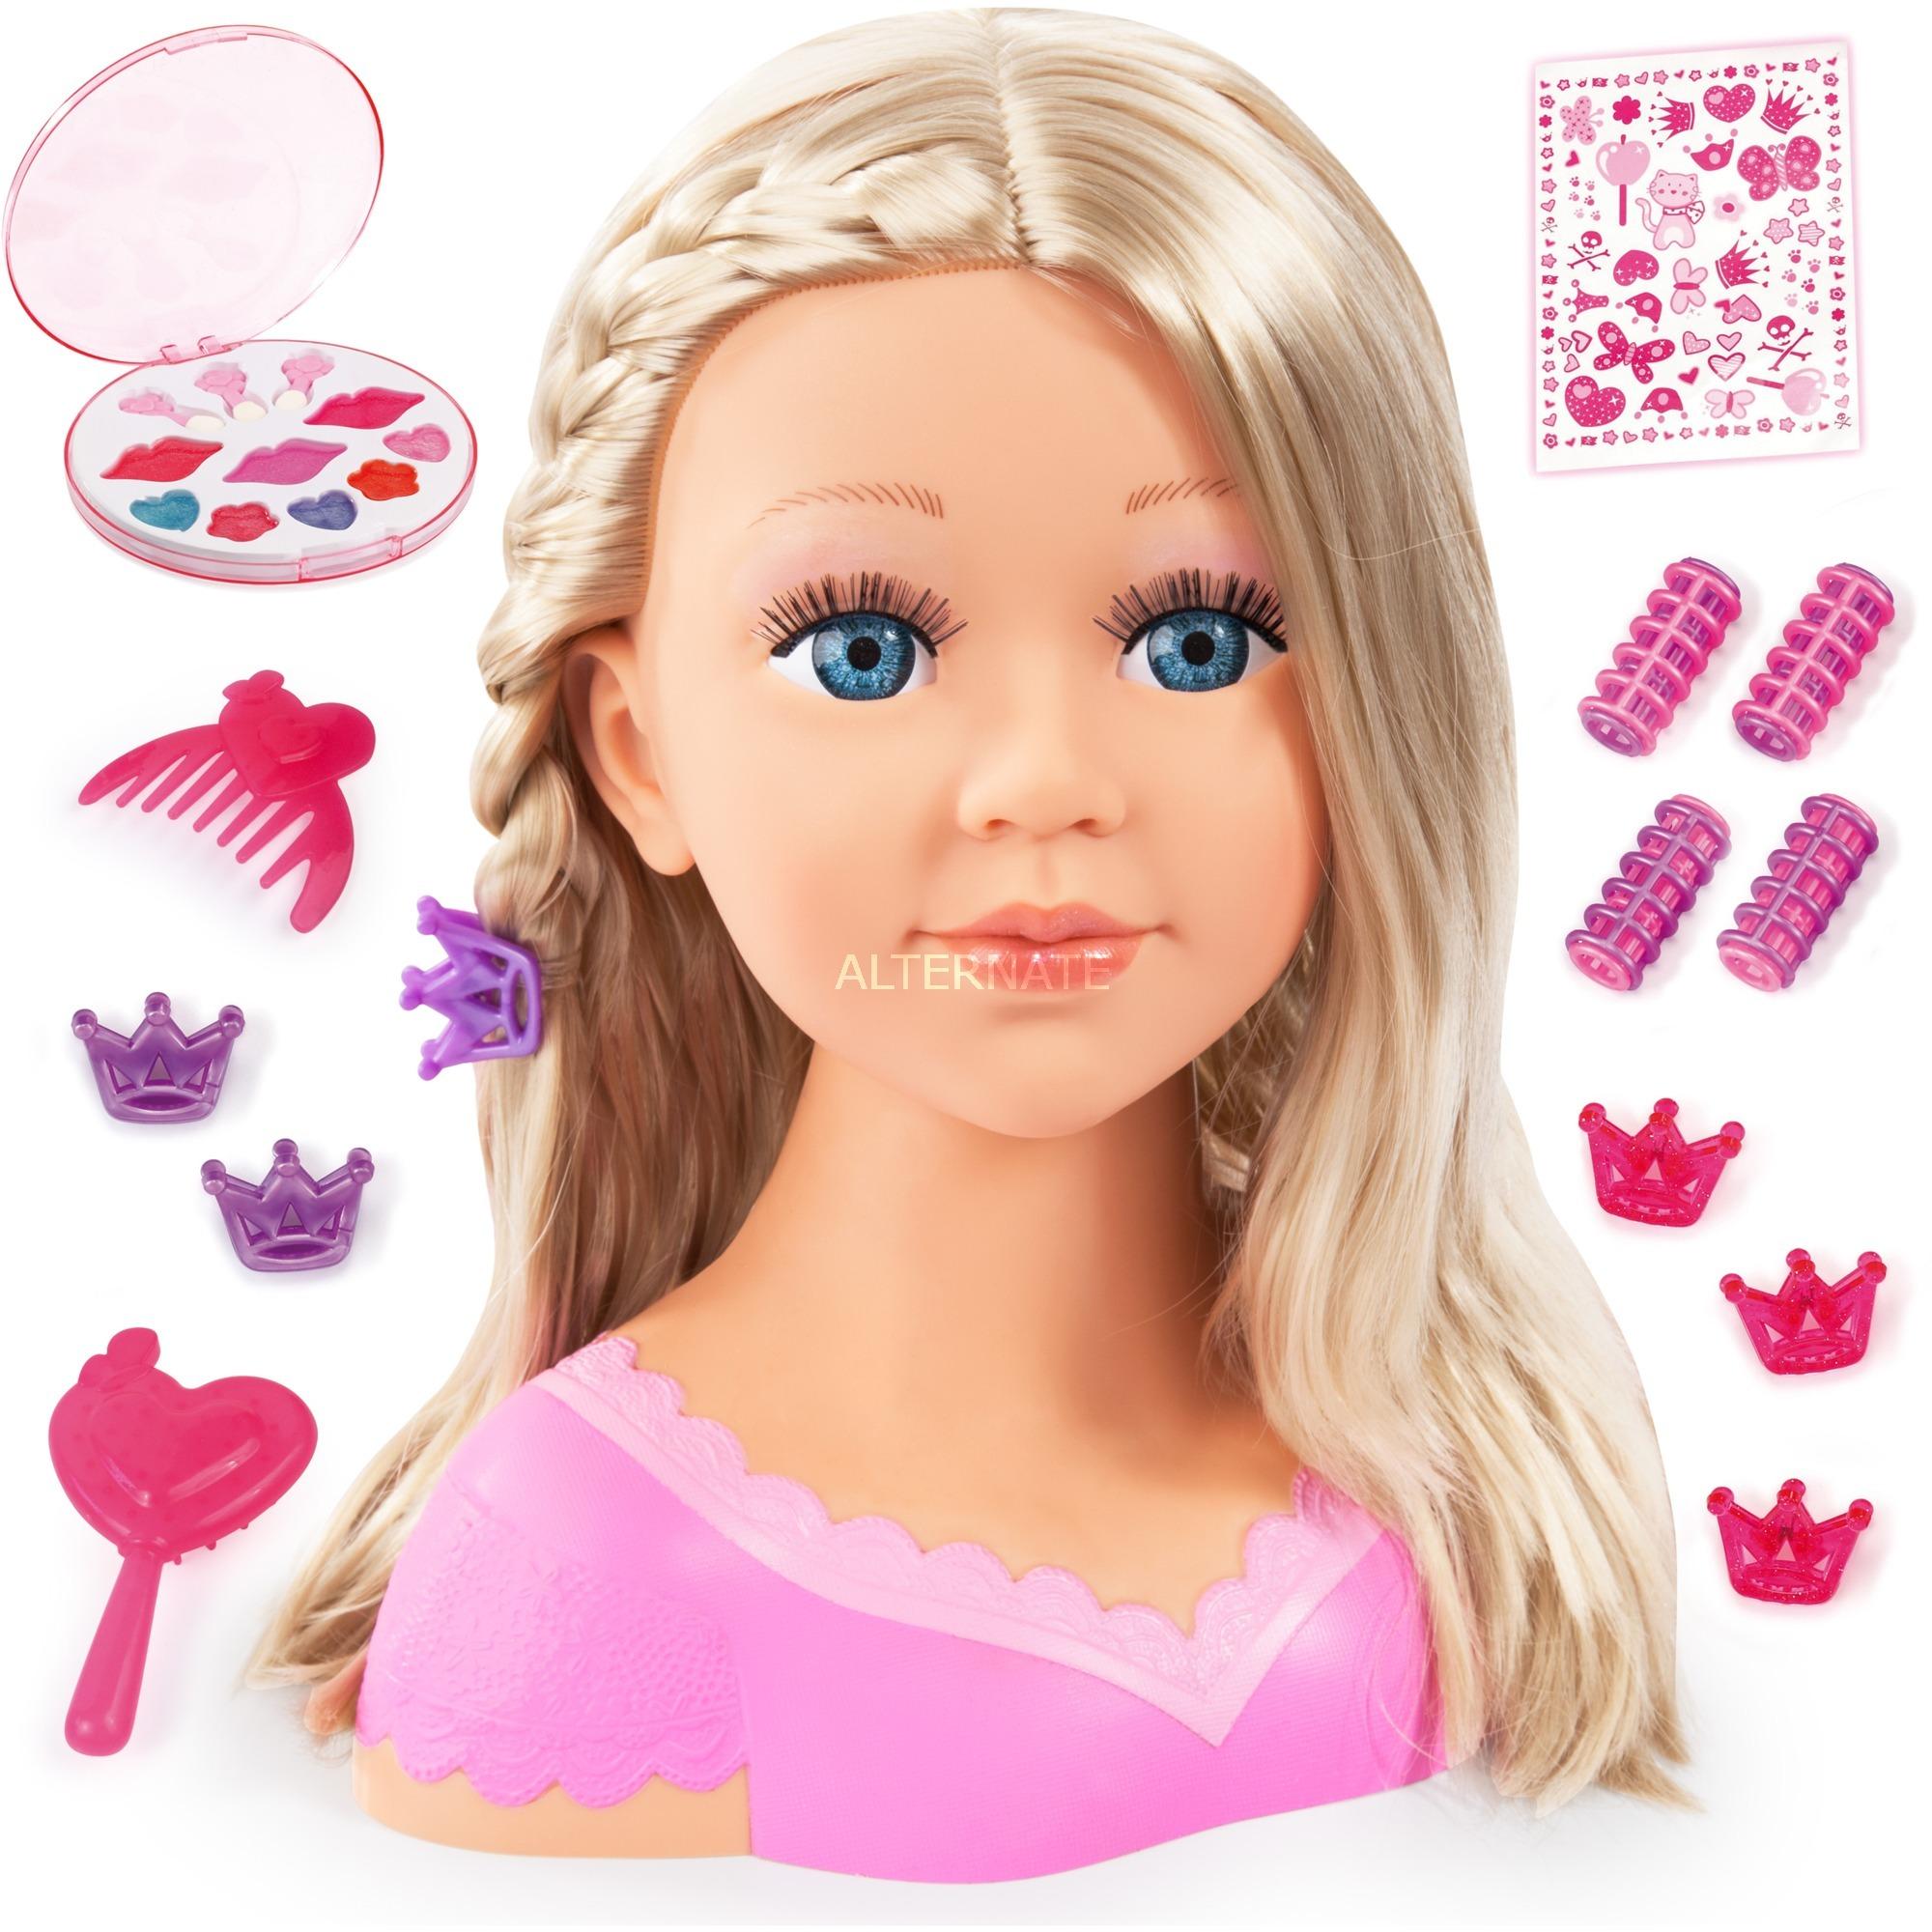 Image of Charlene Super Model mit Kosmetik, Schmink- und Frisierkopf